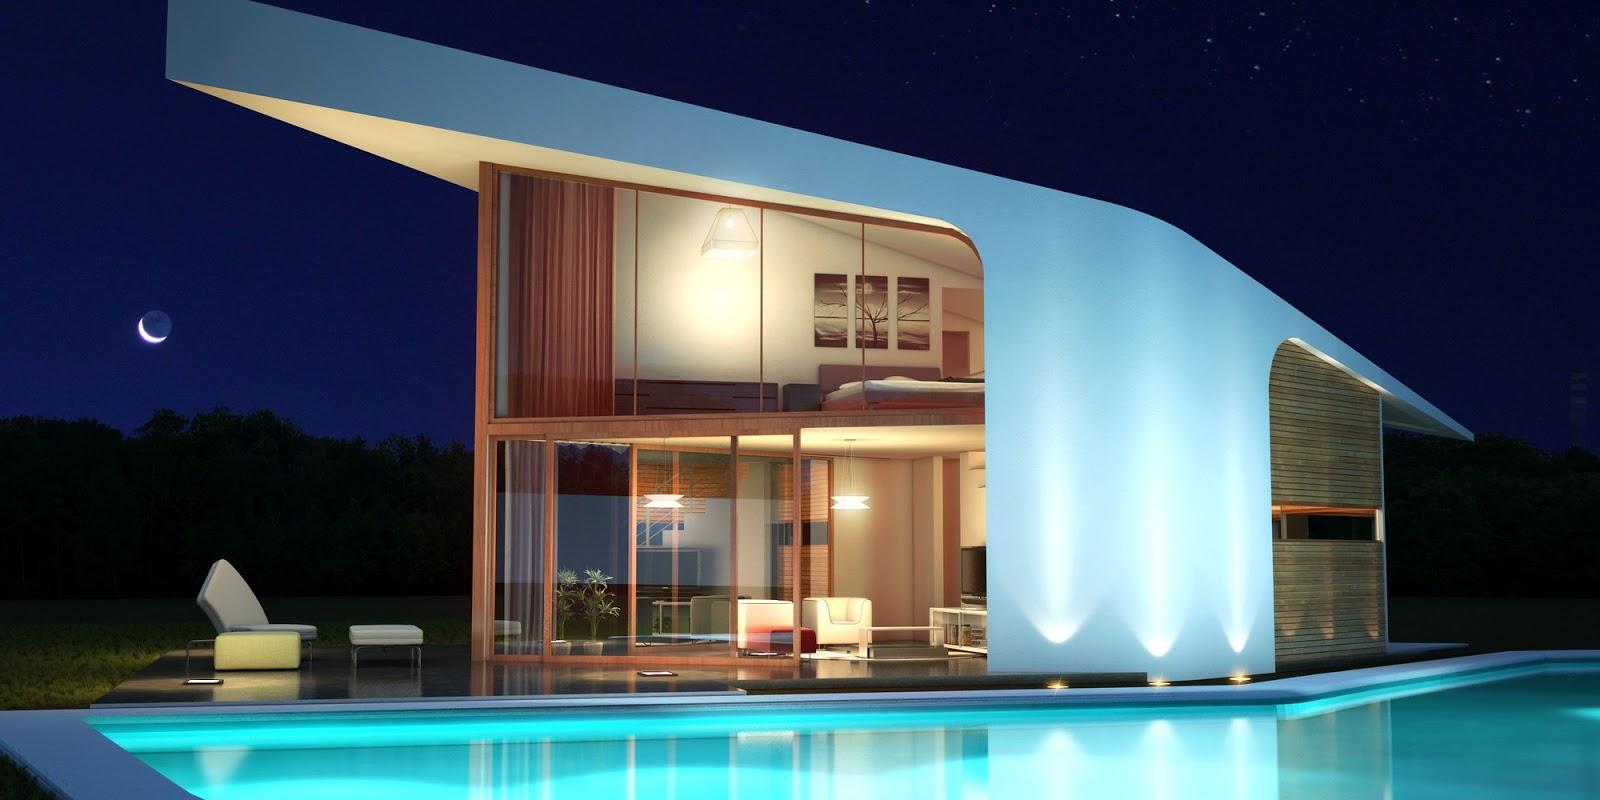 Adelante d dise o casas modernas casas ecoeficientes - Casas prefabricadas de hormigon modernas ...